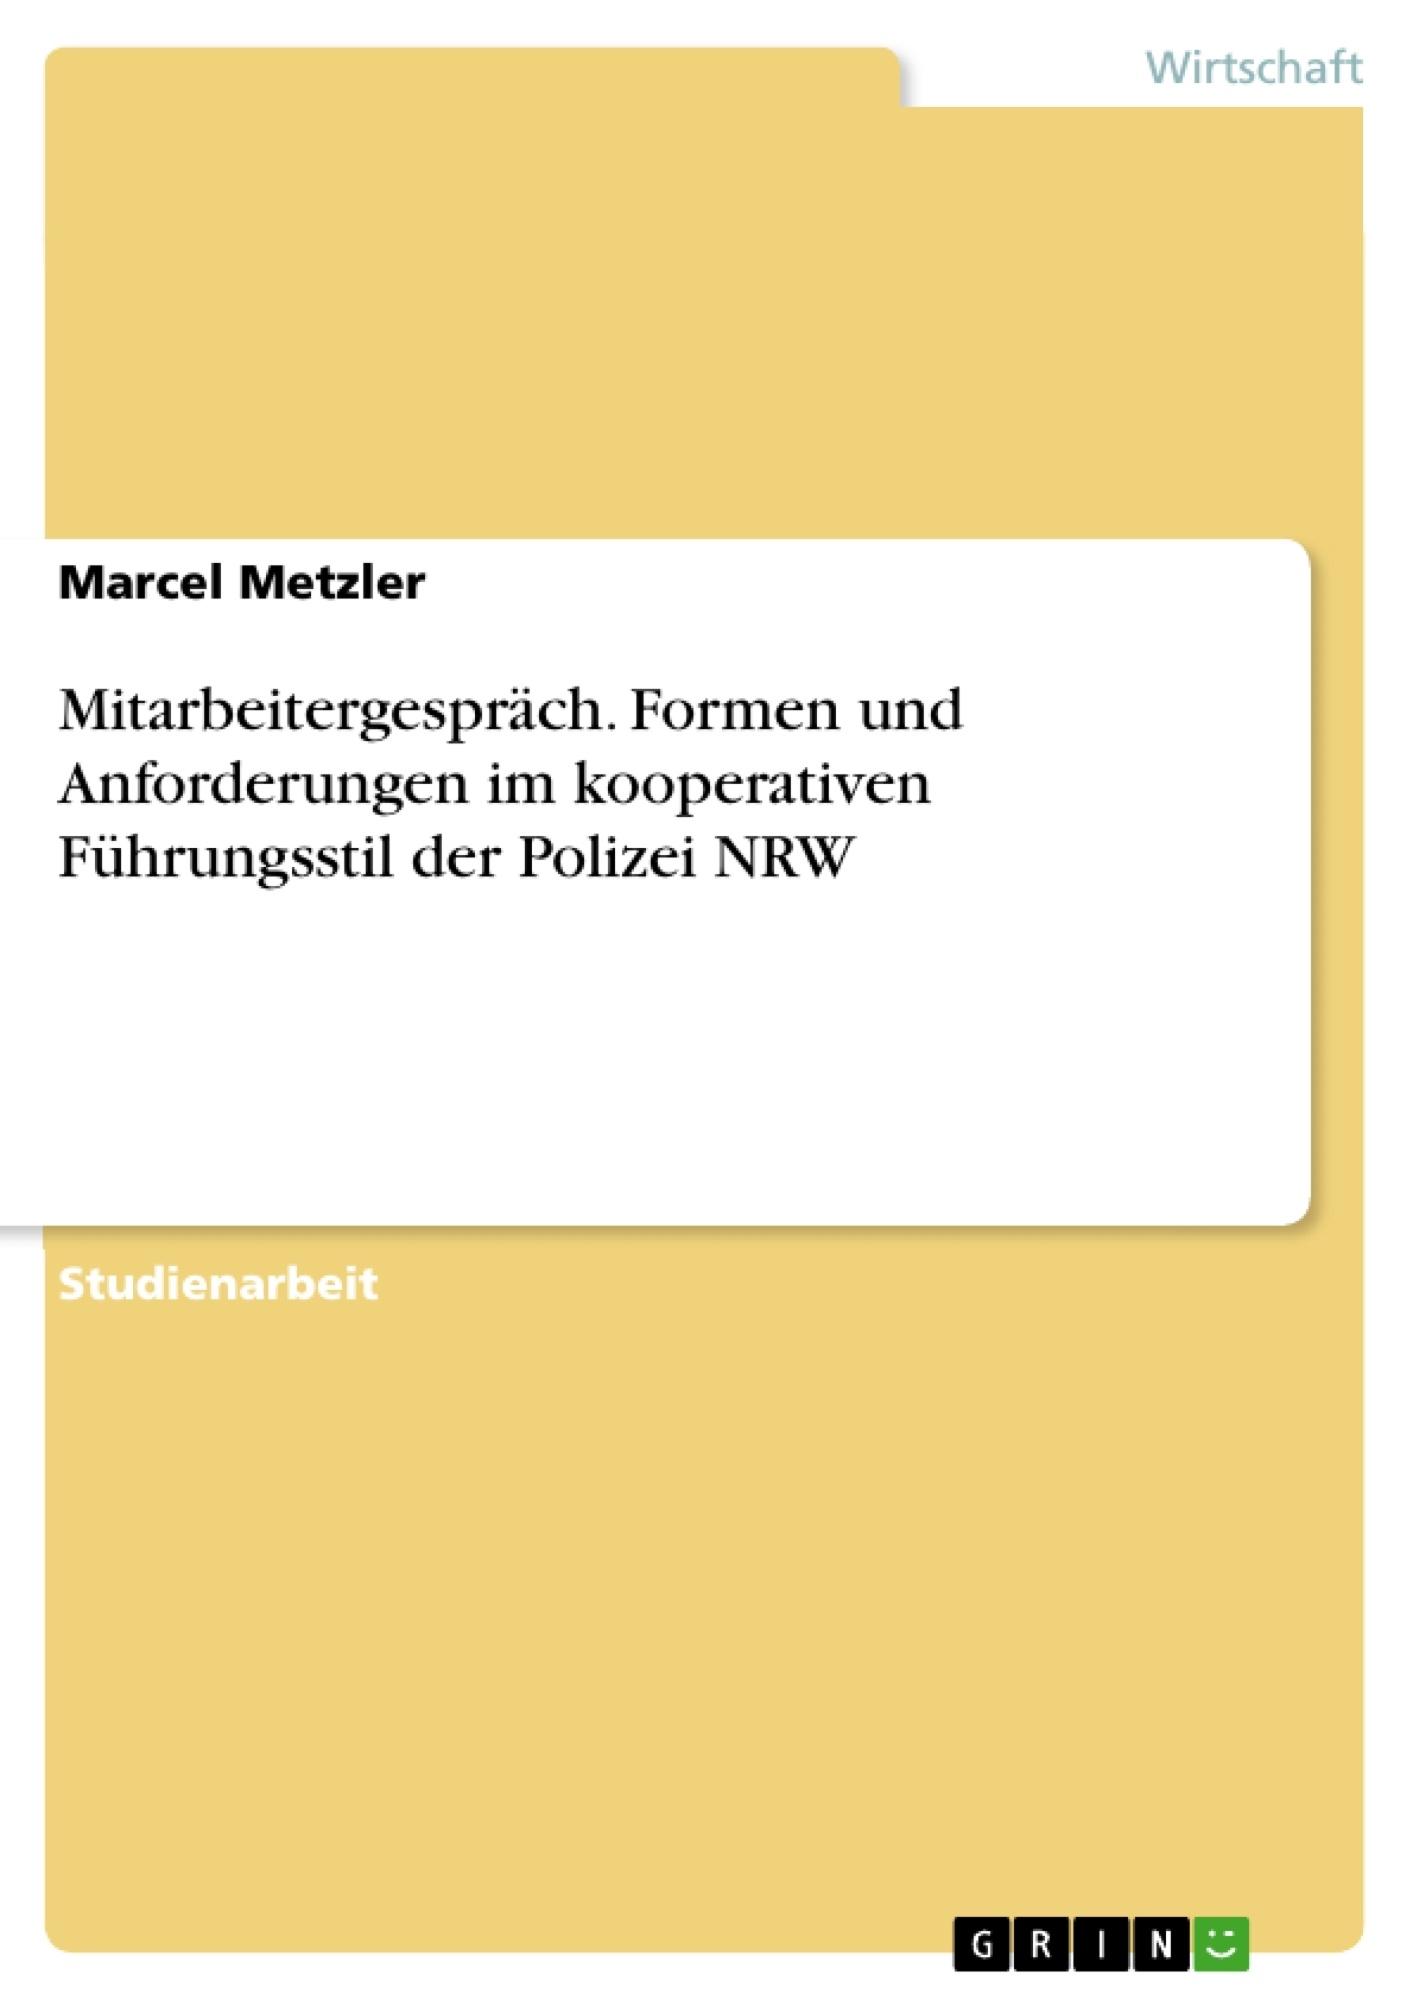 Titel: Mitarbeitergespräch. Formen und Anforderungen im kooperativen Führungsstil der Polizei NRW